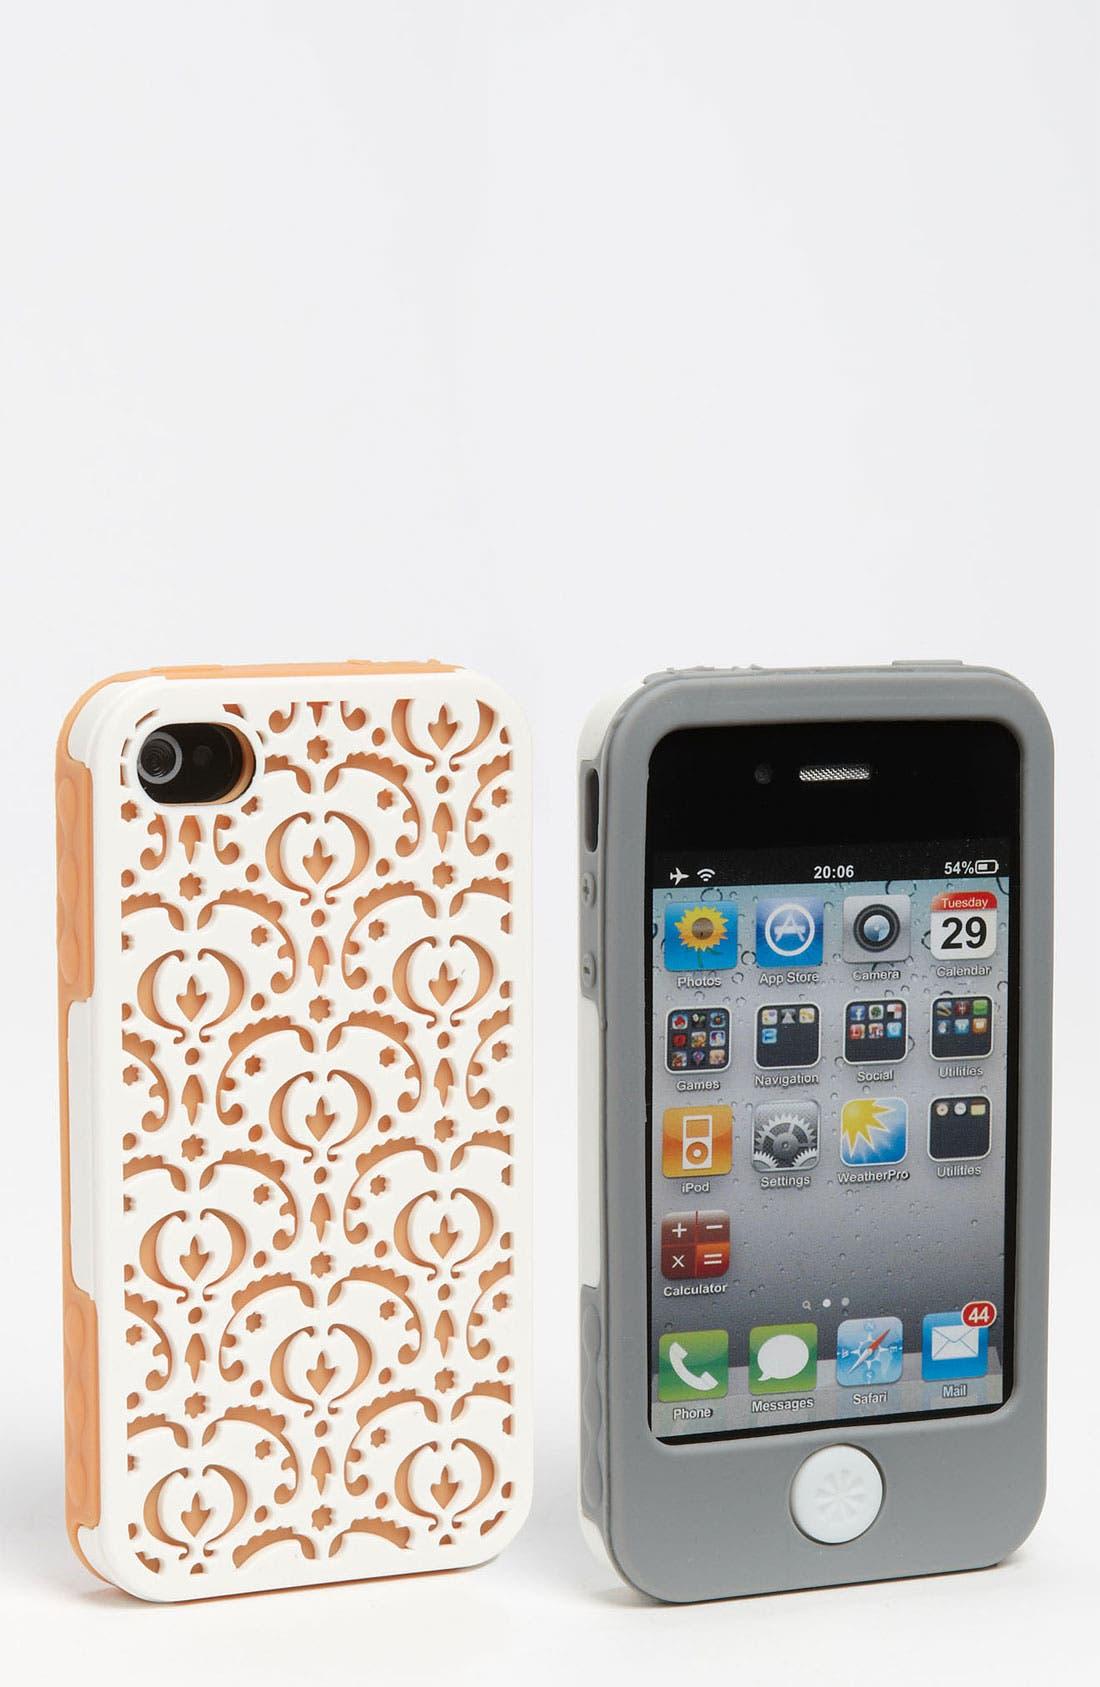 Main Image - Tech Candy 'Bordeaux' iPhone 4 Case Set